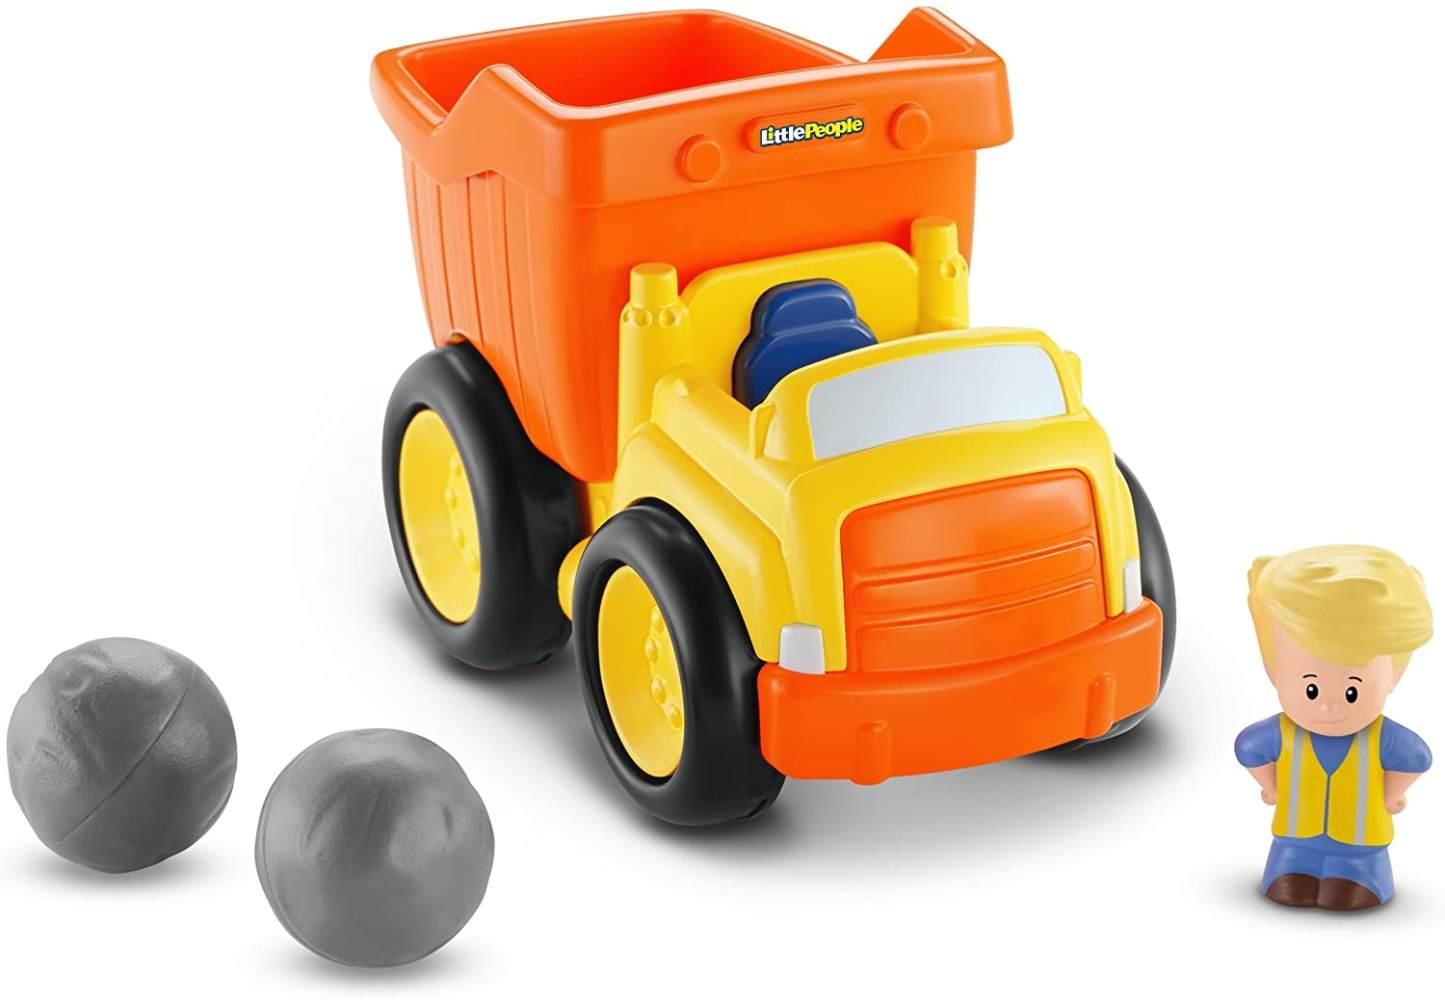 Fisher Price - Little People Deluxe Vehicles - Dump Truck (Bdy81) Bild 1